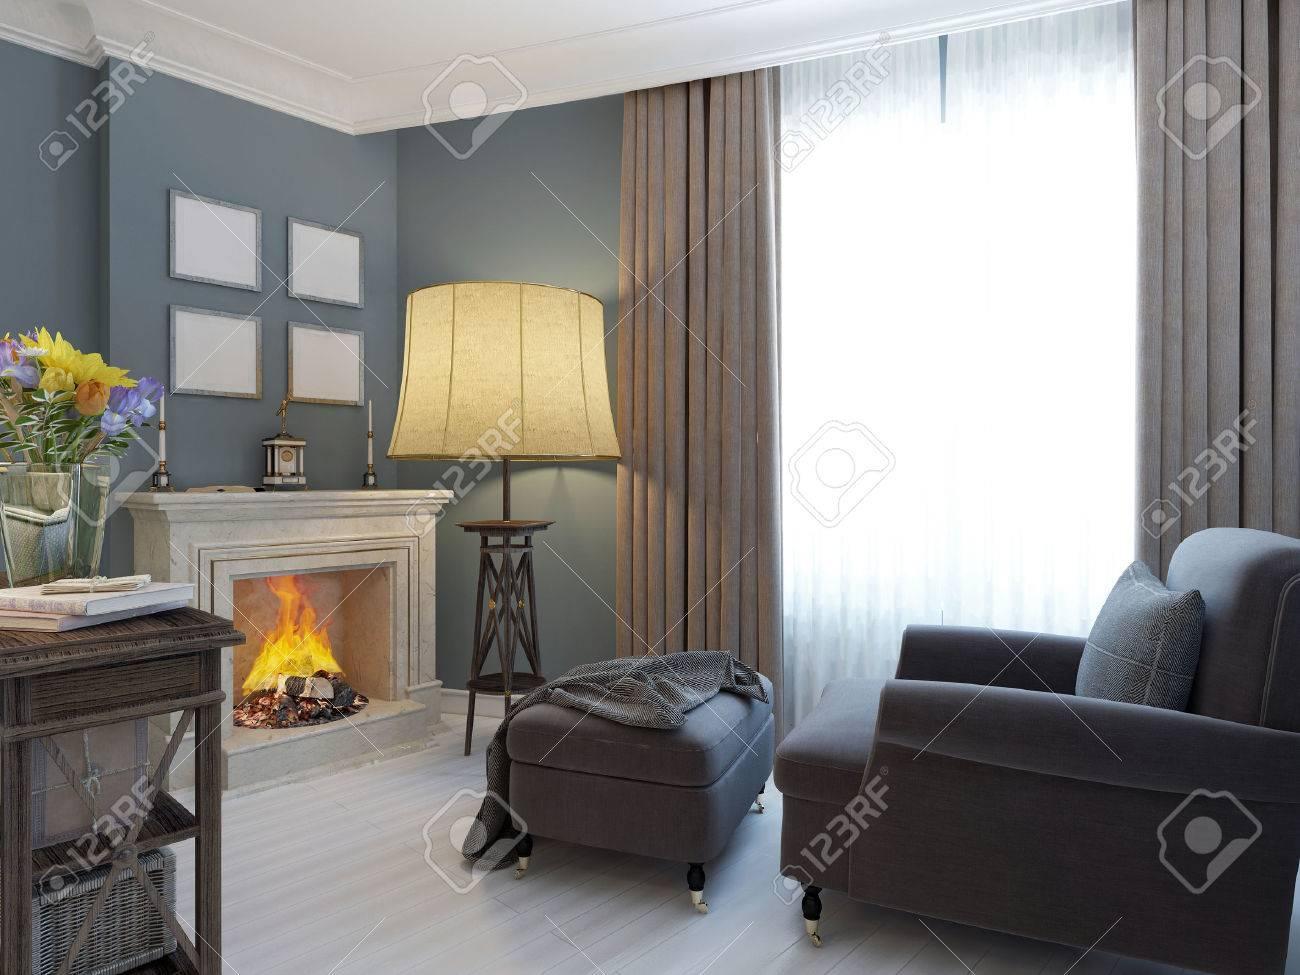 Wohnzimmer Sessel Mit Hocker